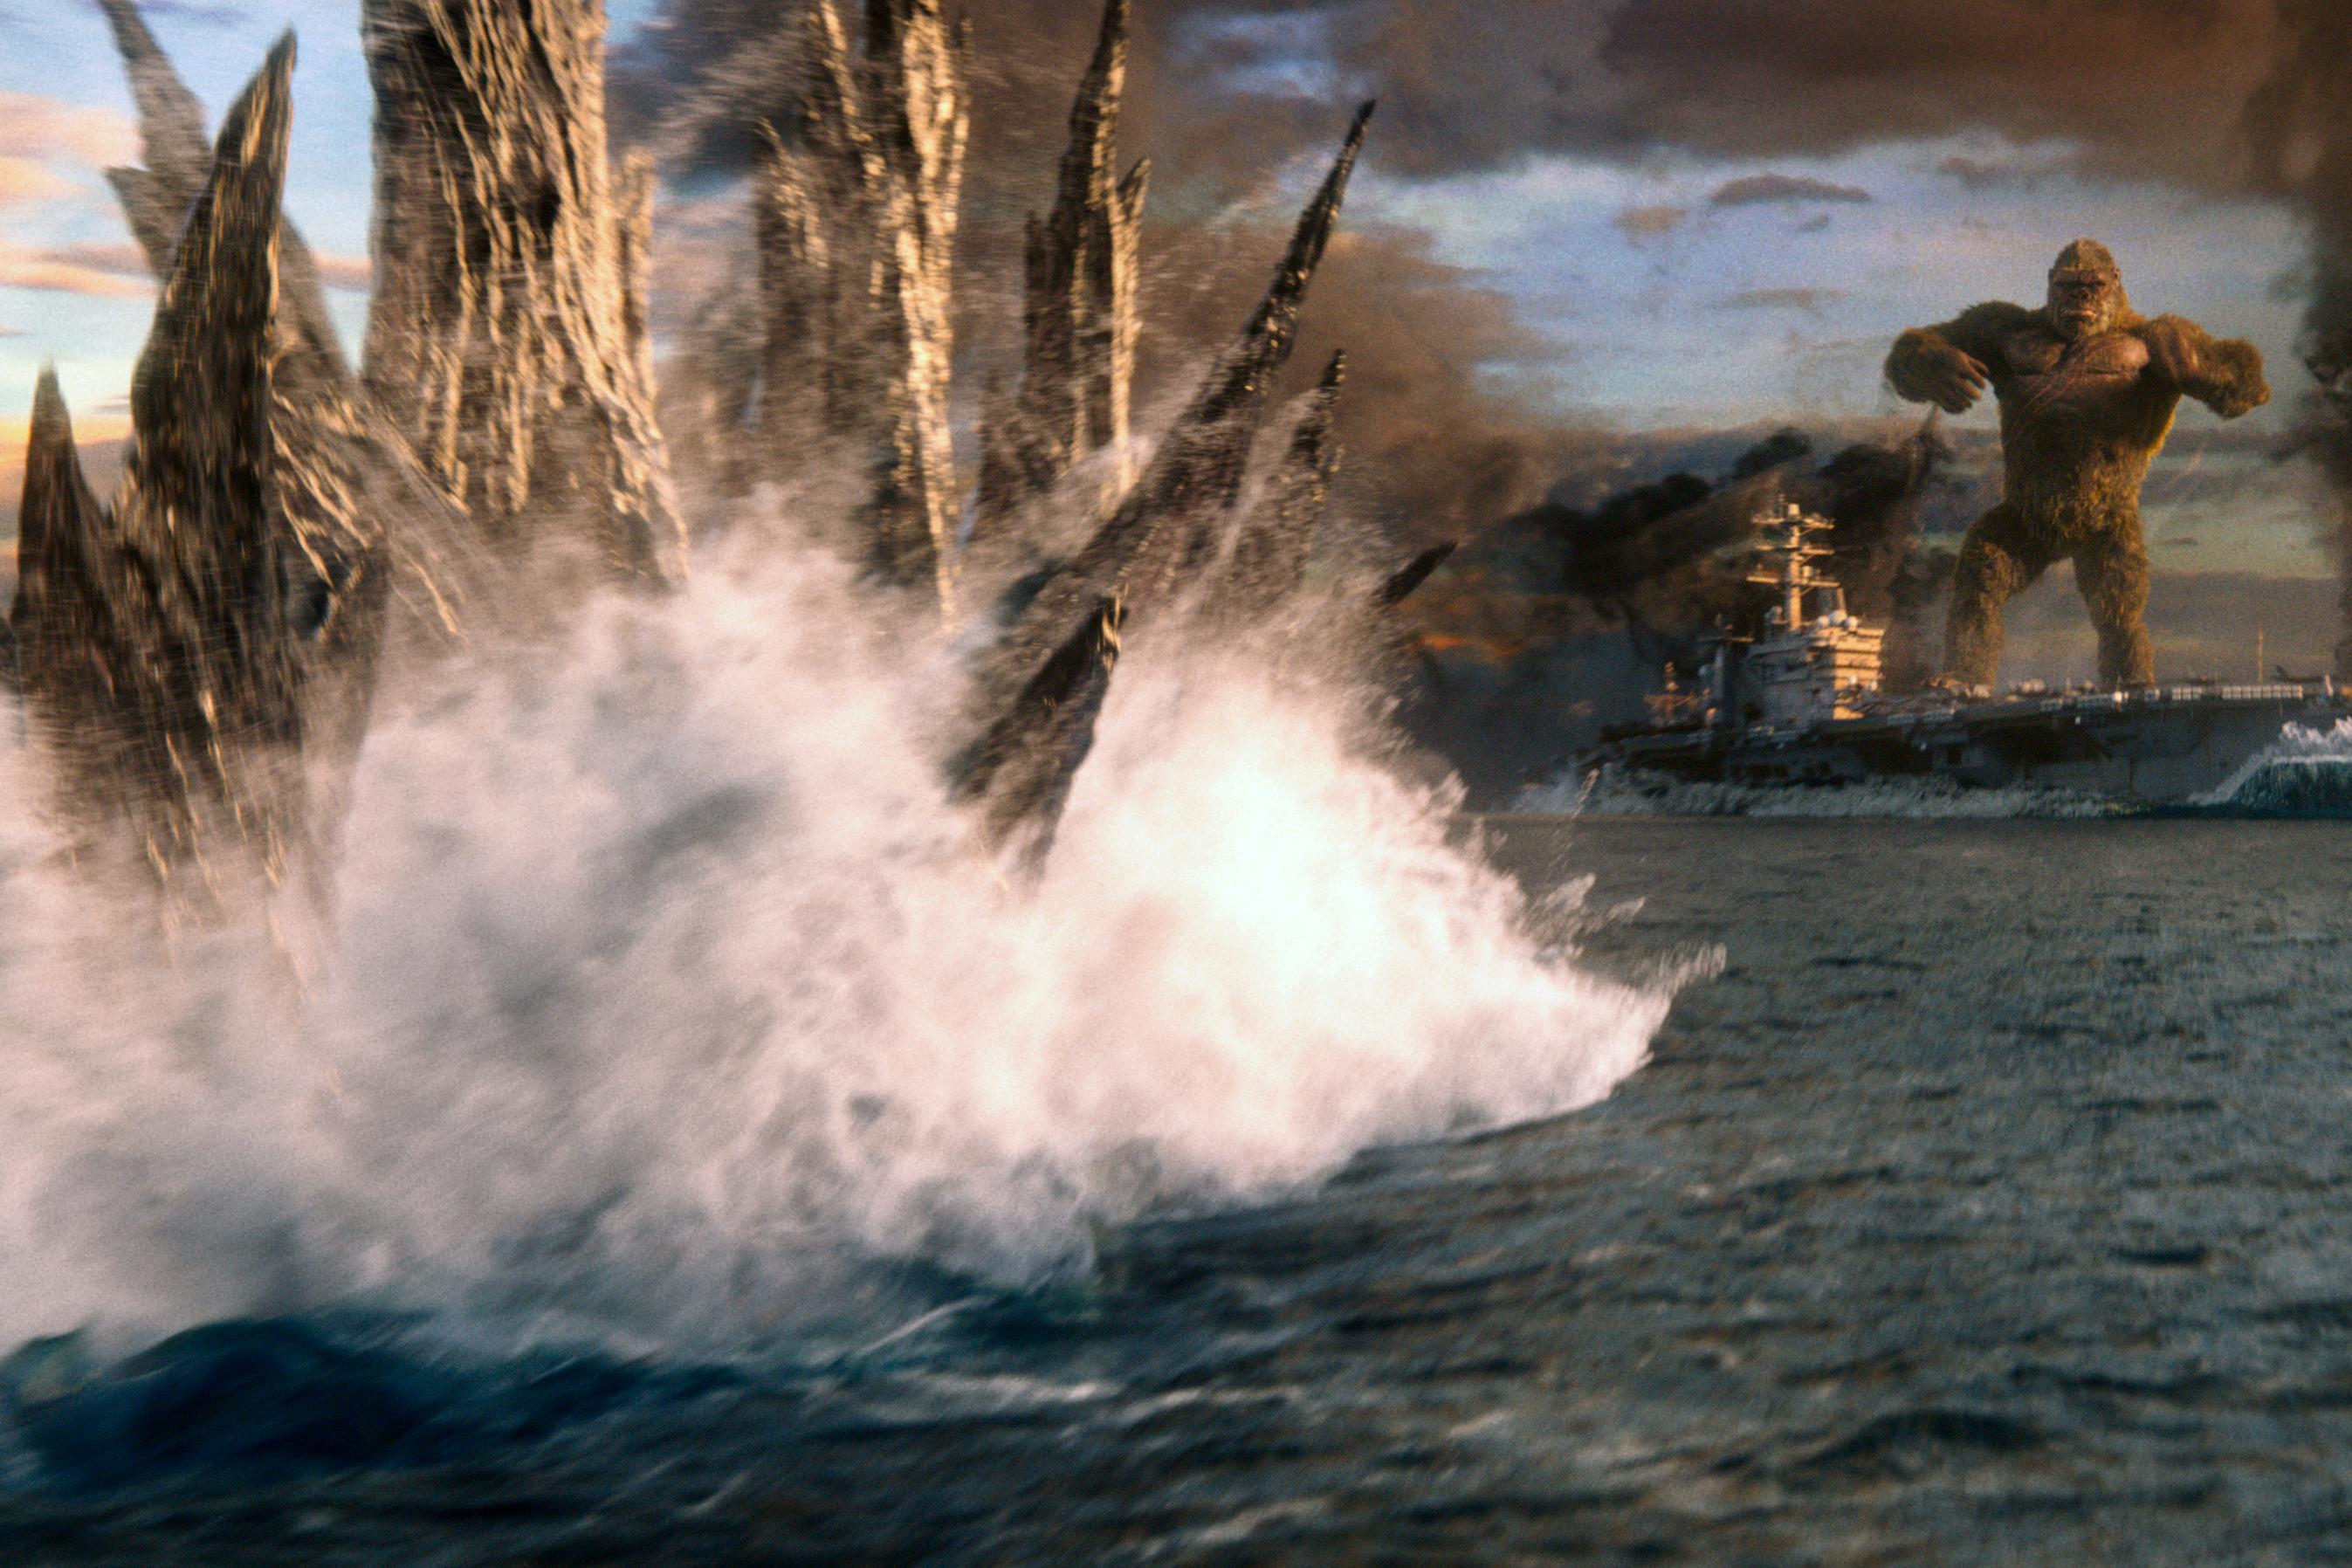 Still 9 for Godzilla vs Kong